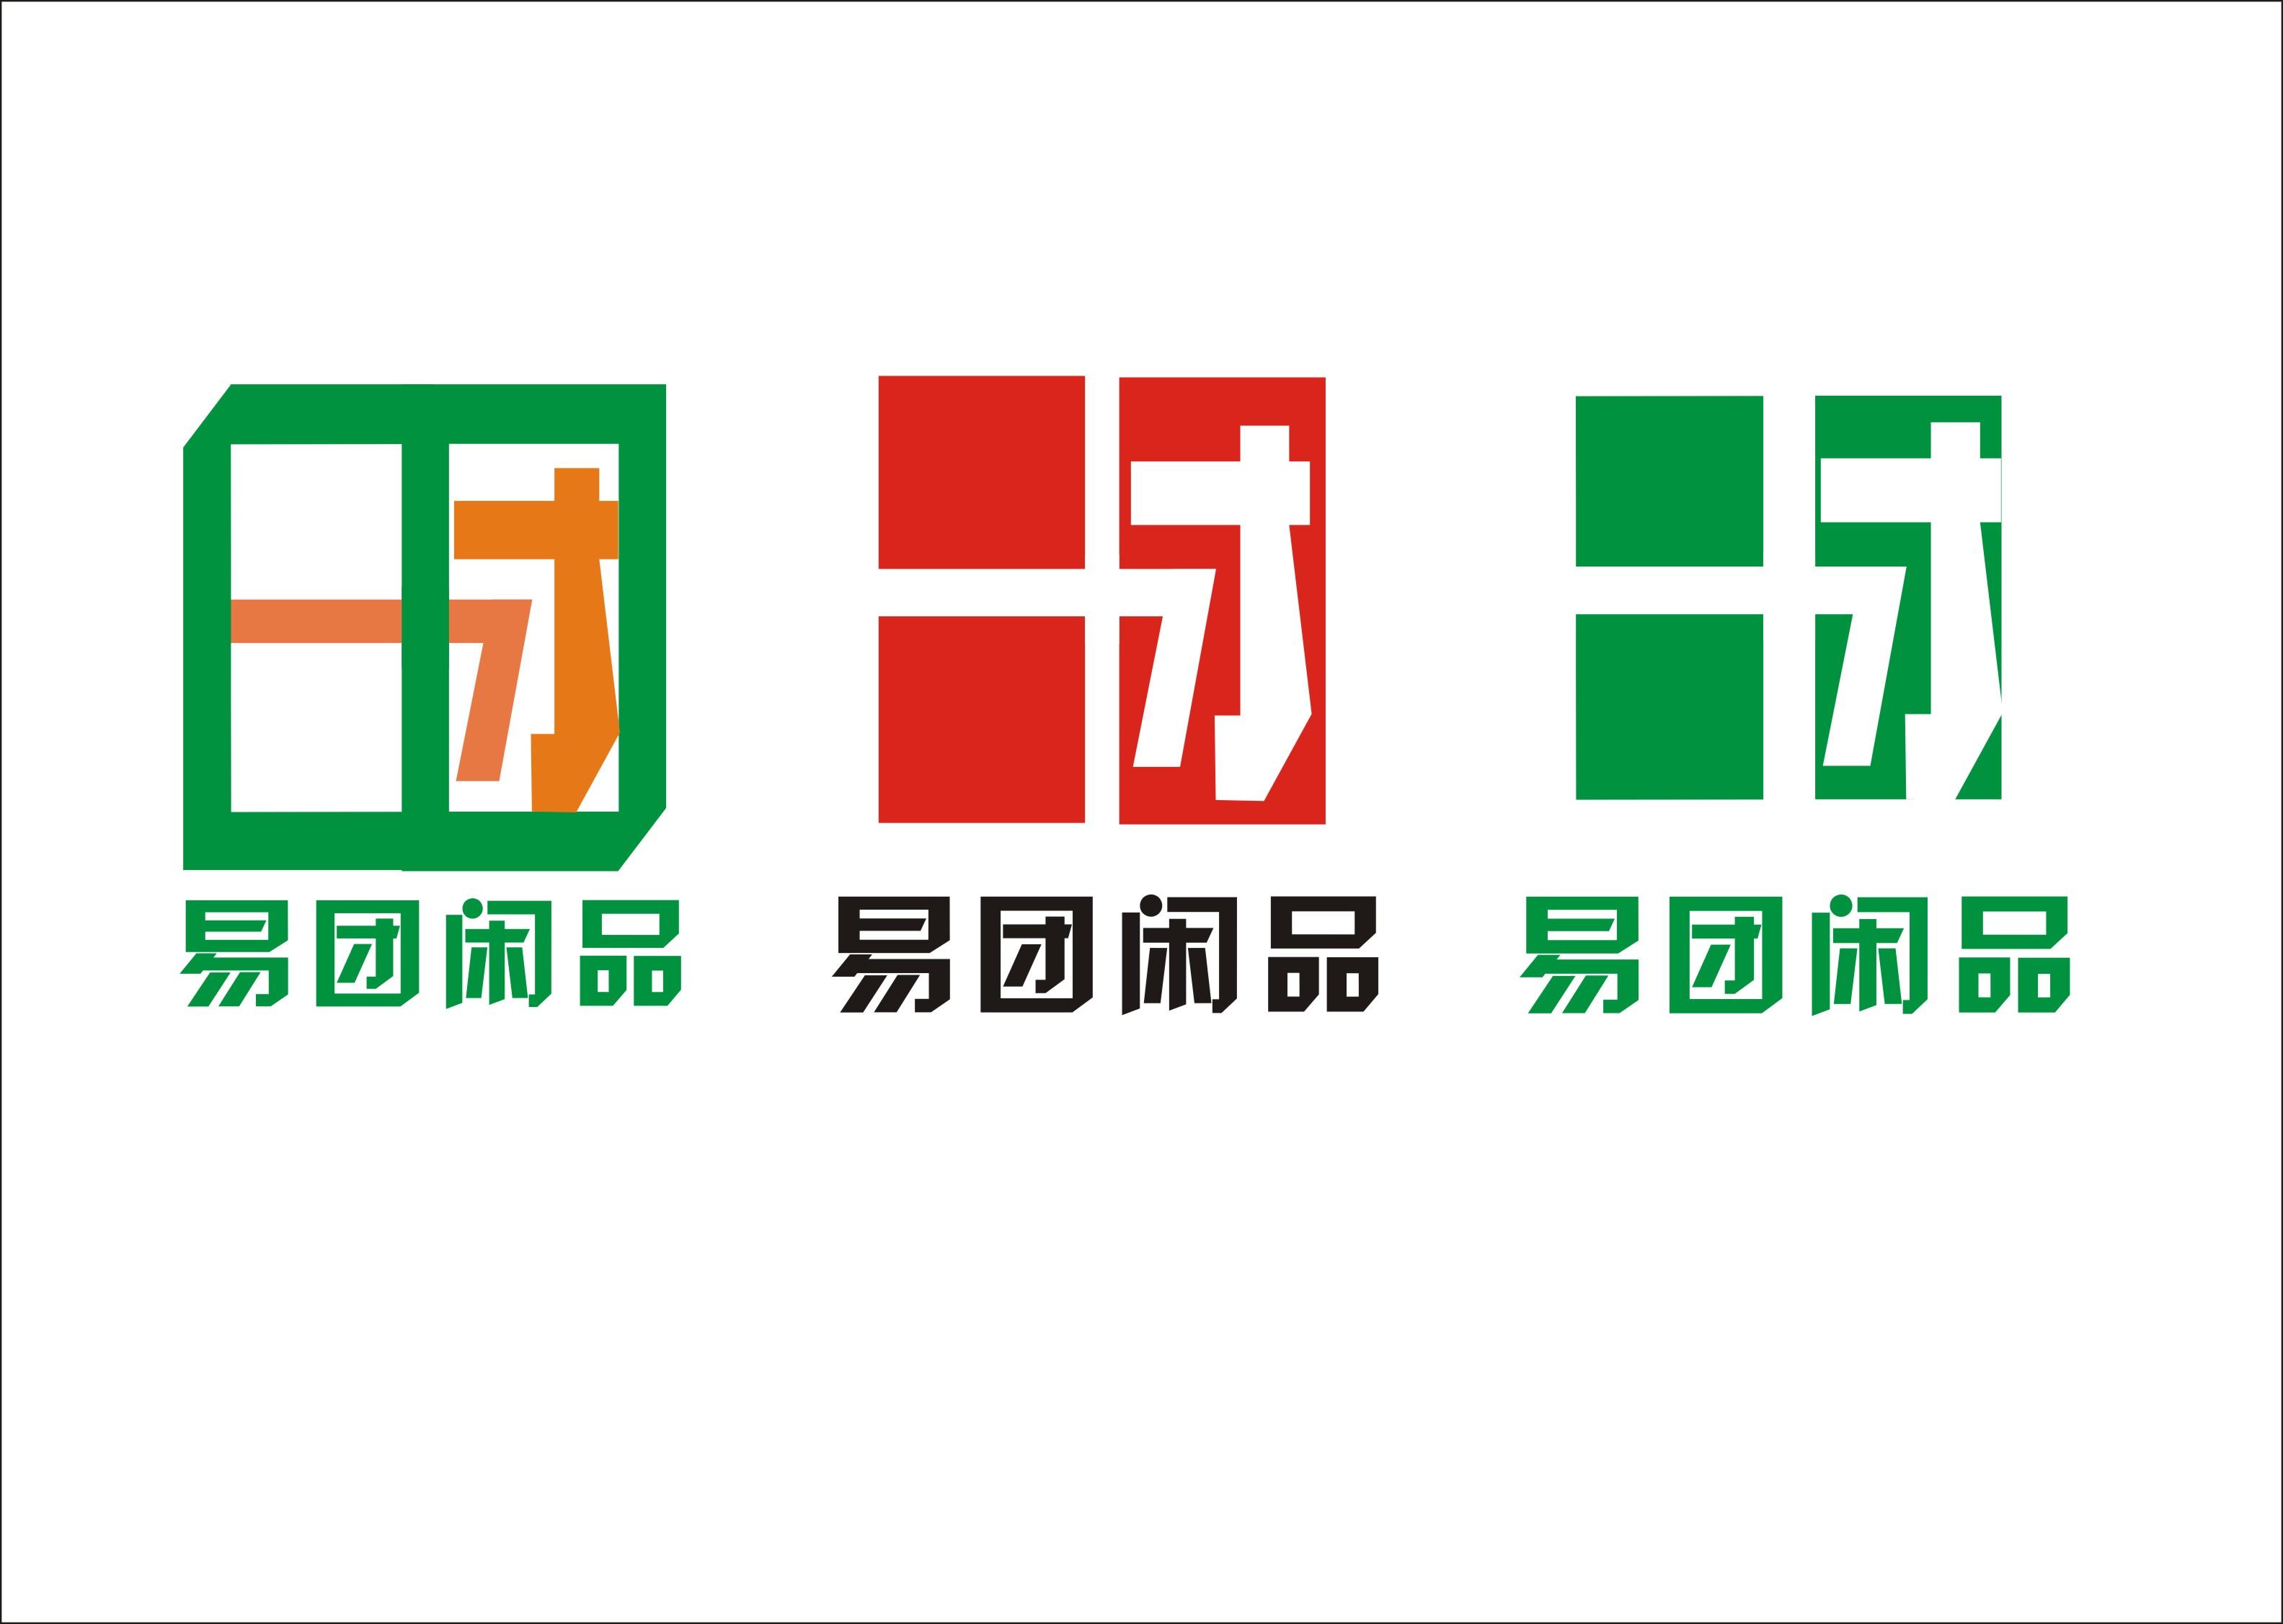 休闲食品类诚征logo标志设计